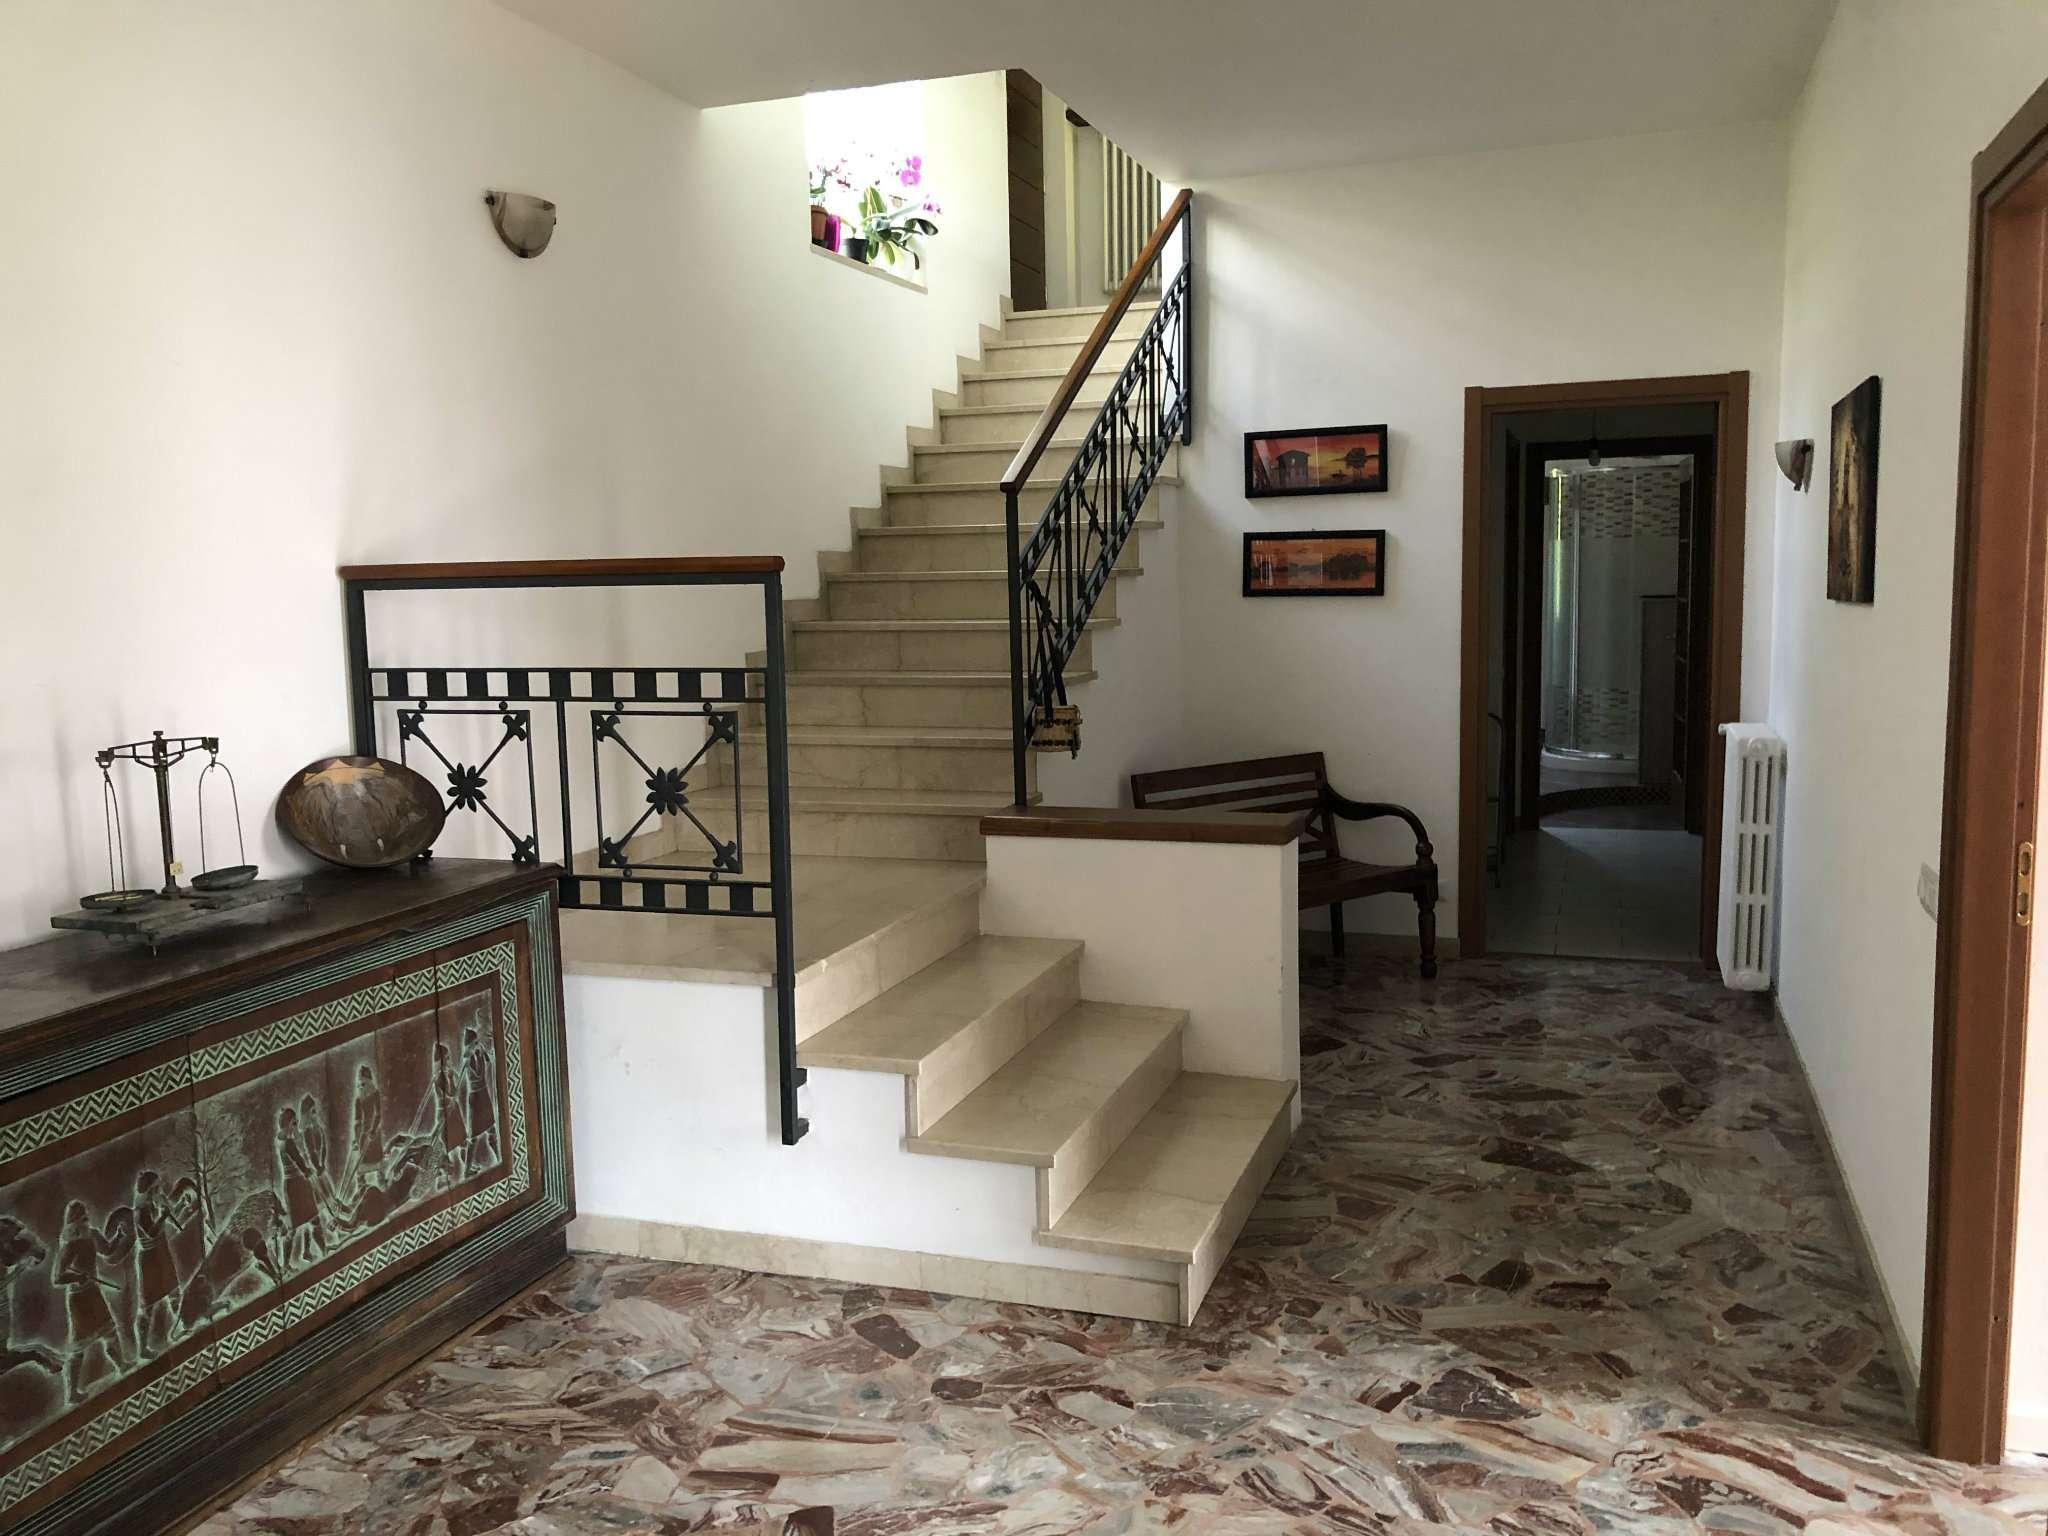 Villa in vendita a Caravate, 11 locali, prezzo € 280.000 | CambioCasa.it